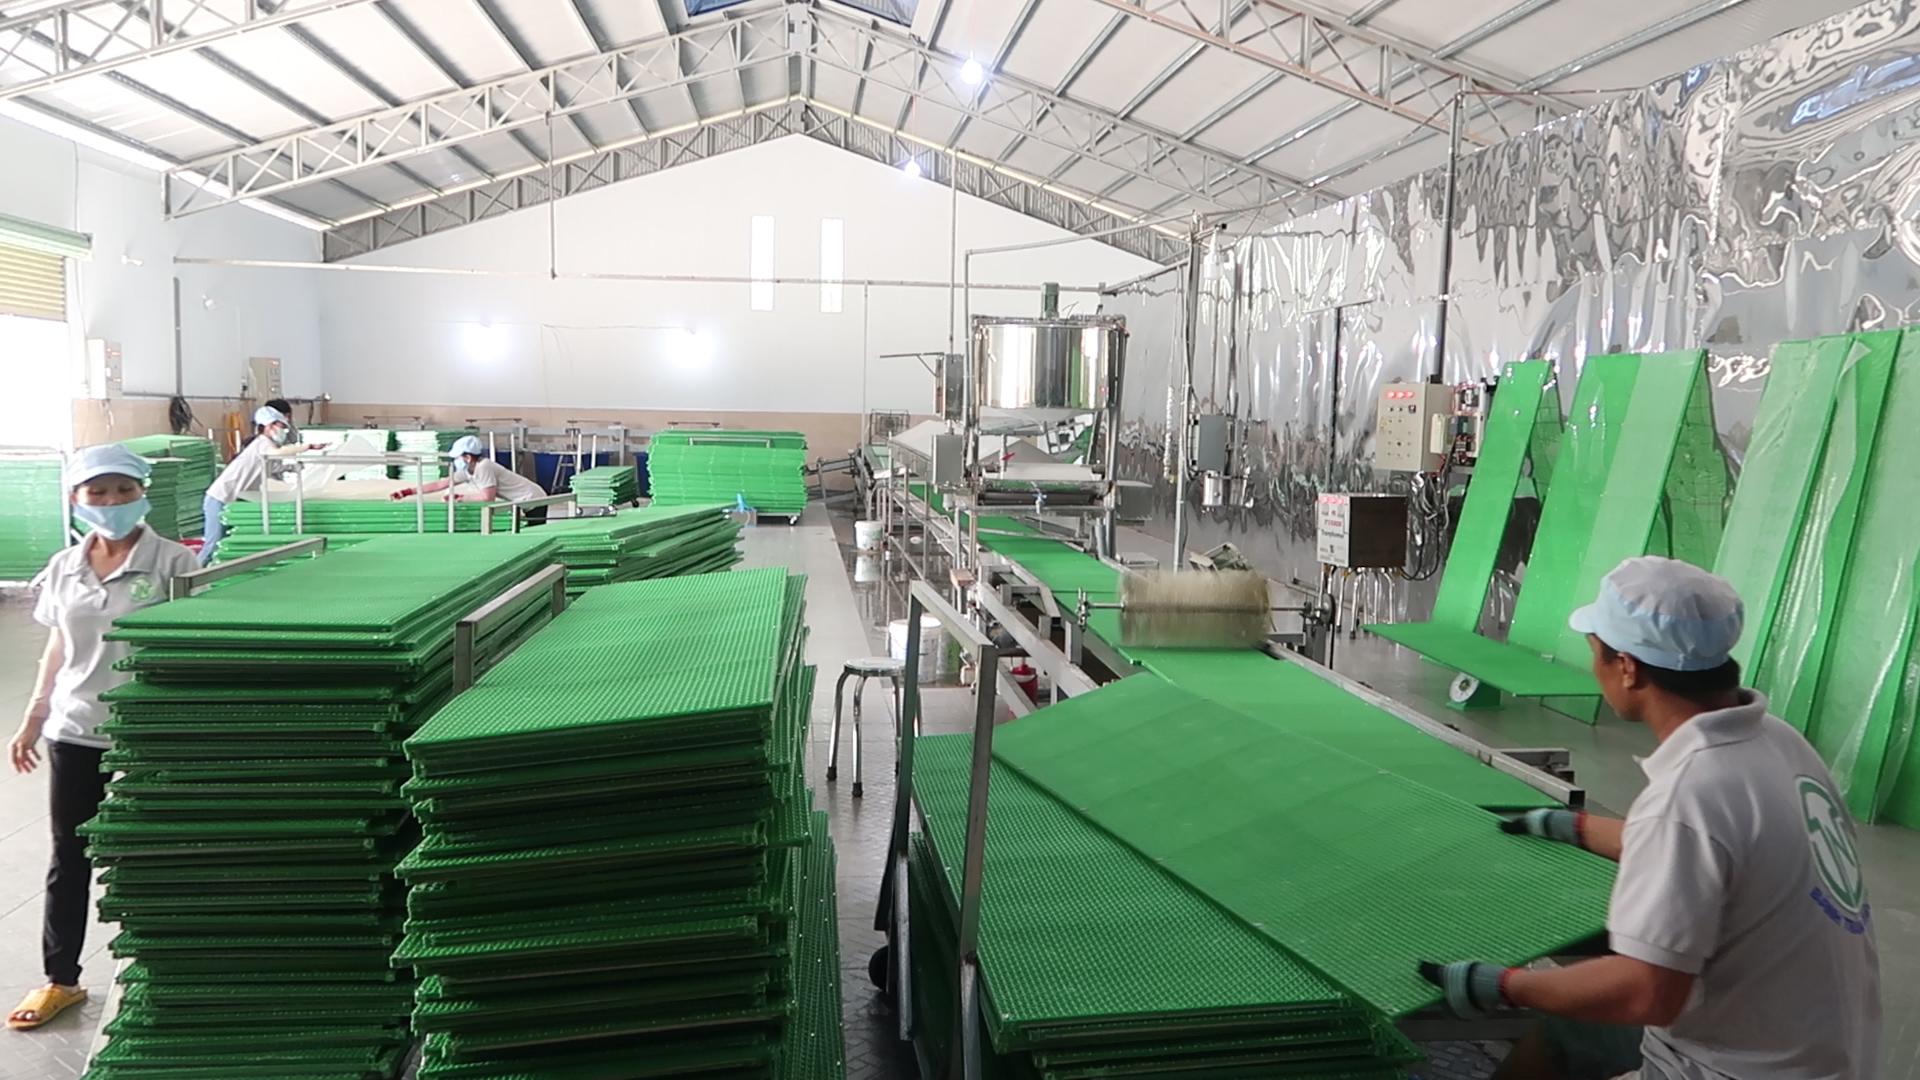 Cơ sở bánh tráng tây ninh Tân Nhiên - 2